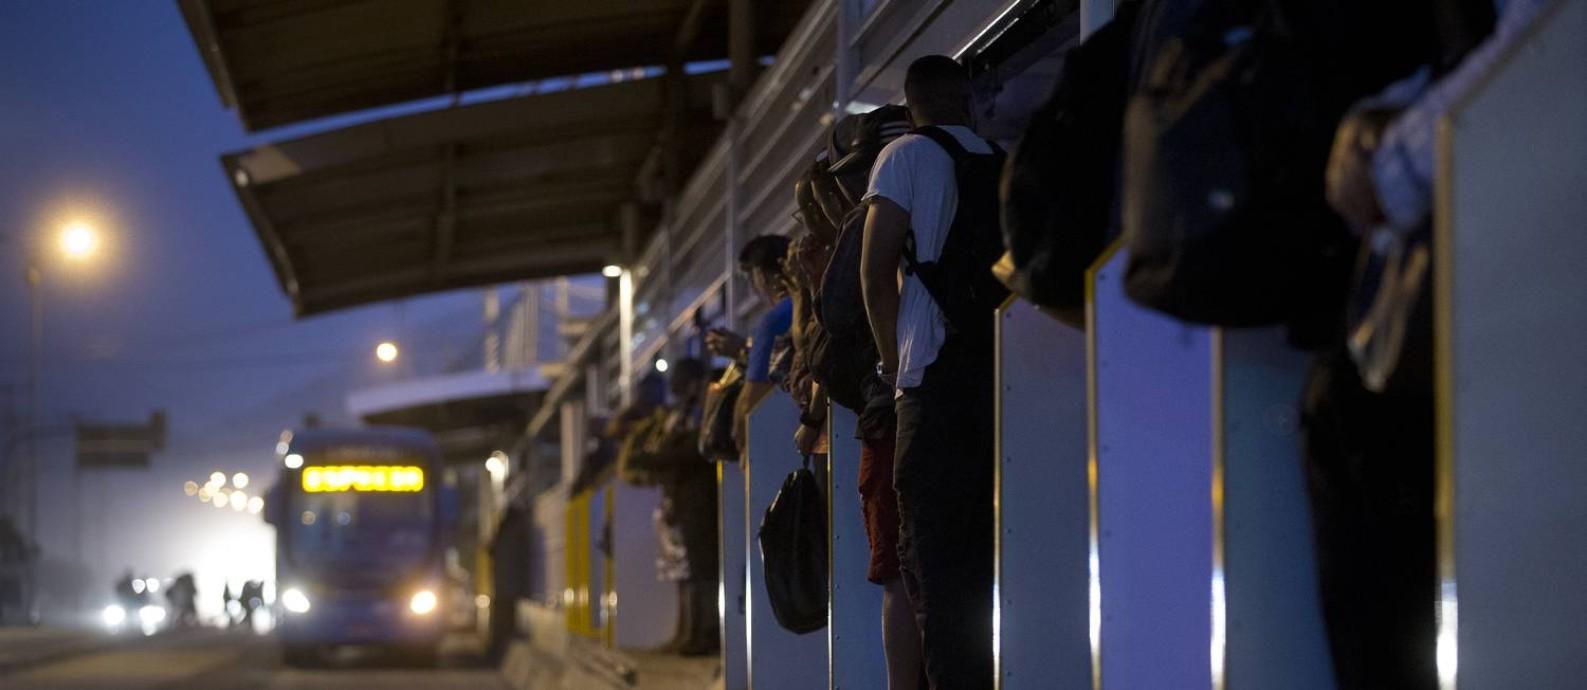 RI Rio de Janeiro (RJ) 13/08/2019 BRT - 24 horas na Estação Mato Alto, em Guaratiba. Na foto, passageiros aguardam na estação lotada, às 5:58. Foto de Márcia Foletto / Agência O Globo Foto: Márcia Foletto / Agência O Globo